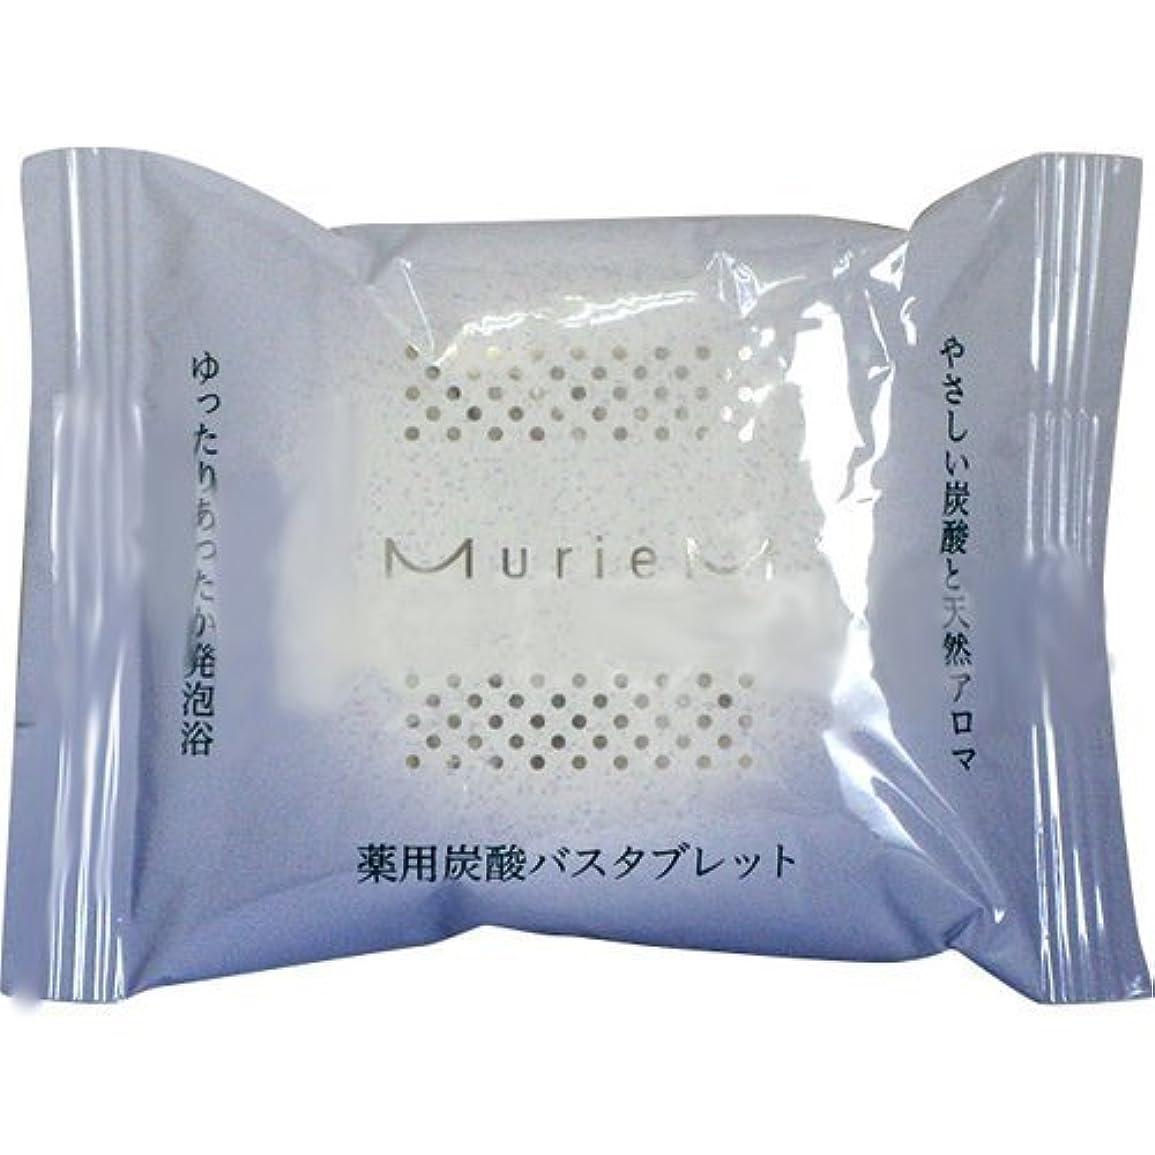 ずらす状不利ナンバースリー ミュリアム クリスタル 薬用炭酸バスタブレット 10包入 医薬部外品